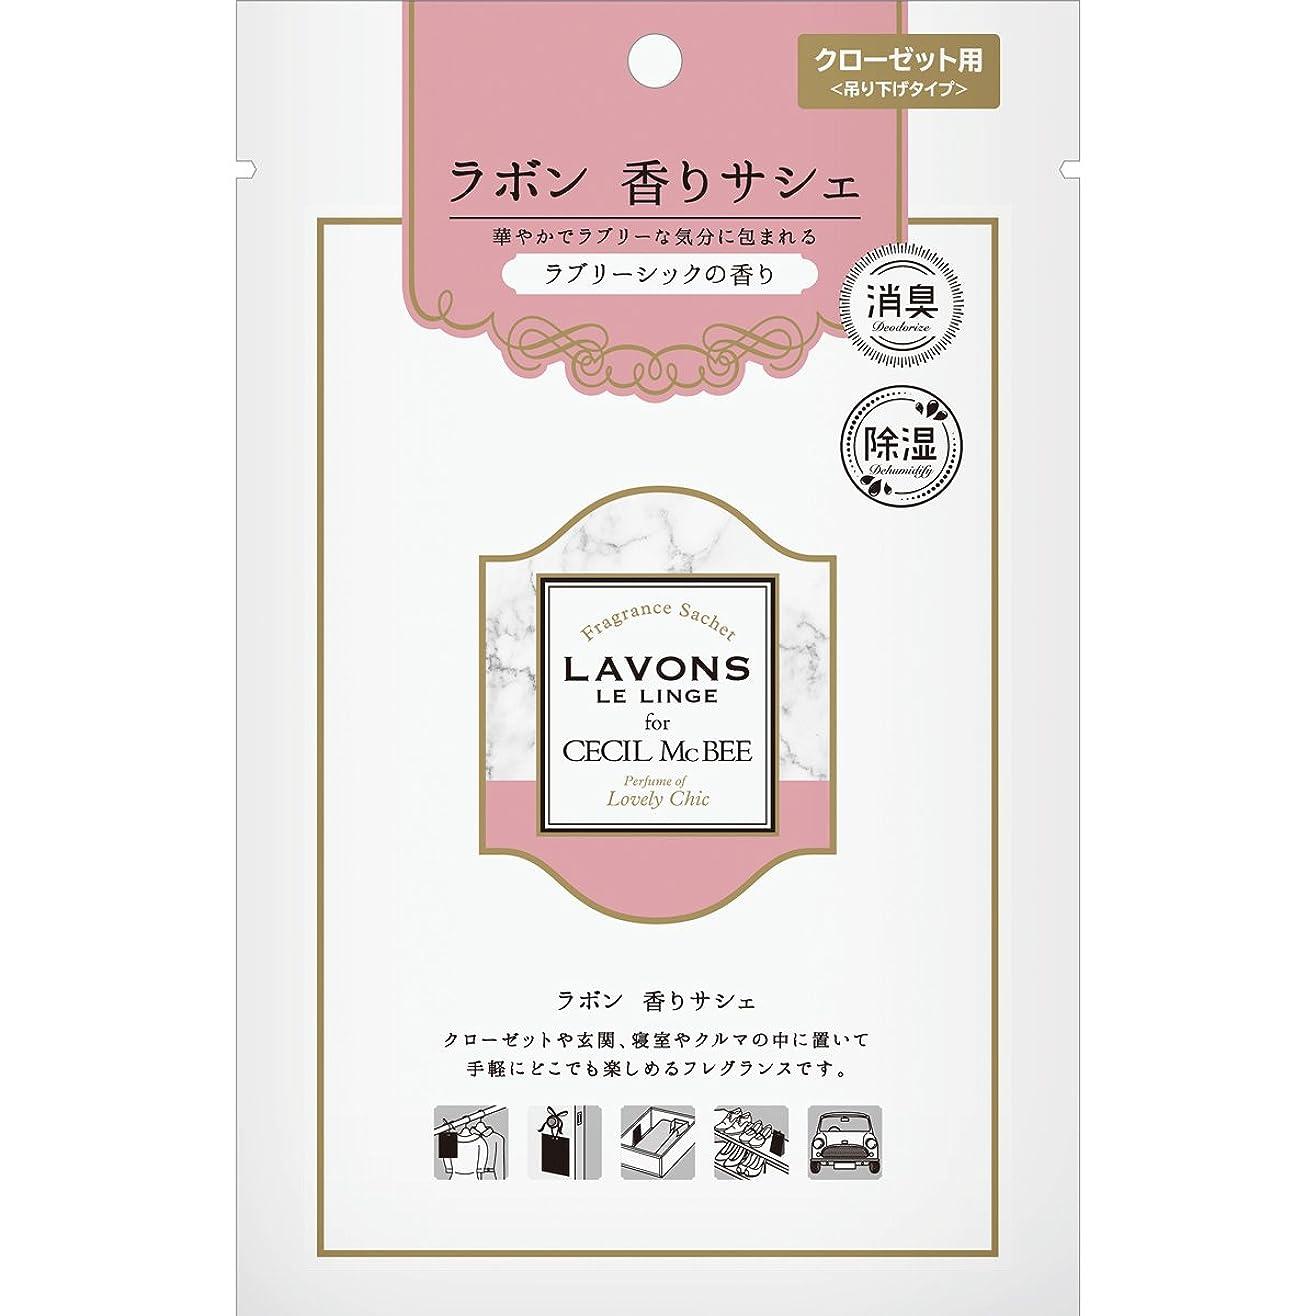 ジャーナルどこかバウンドラボン for CECIL McBEE 香りサシェ (香り袋) ラブリーシックの香り 20g